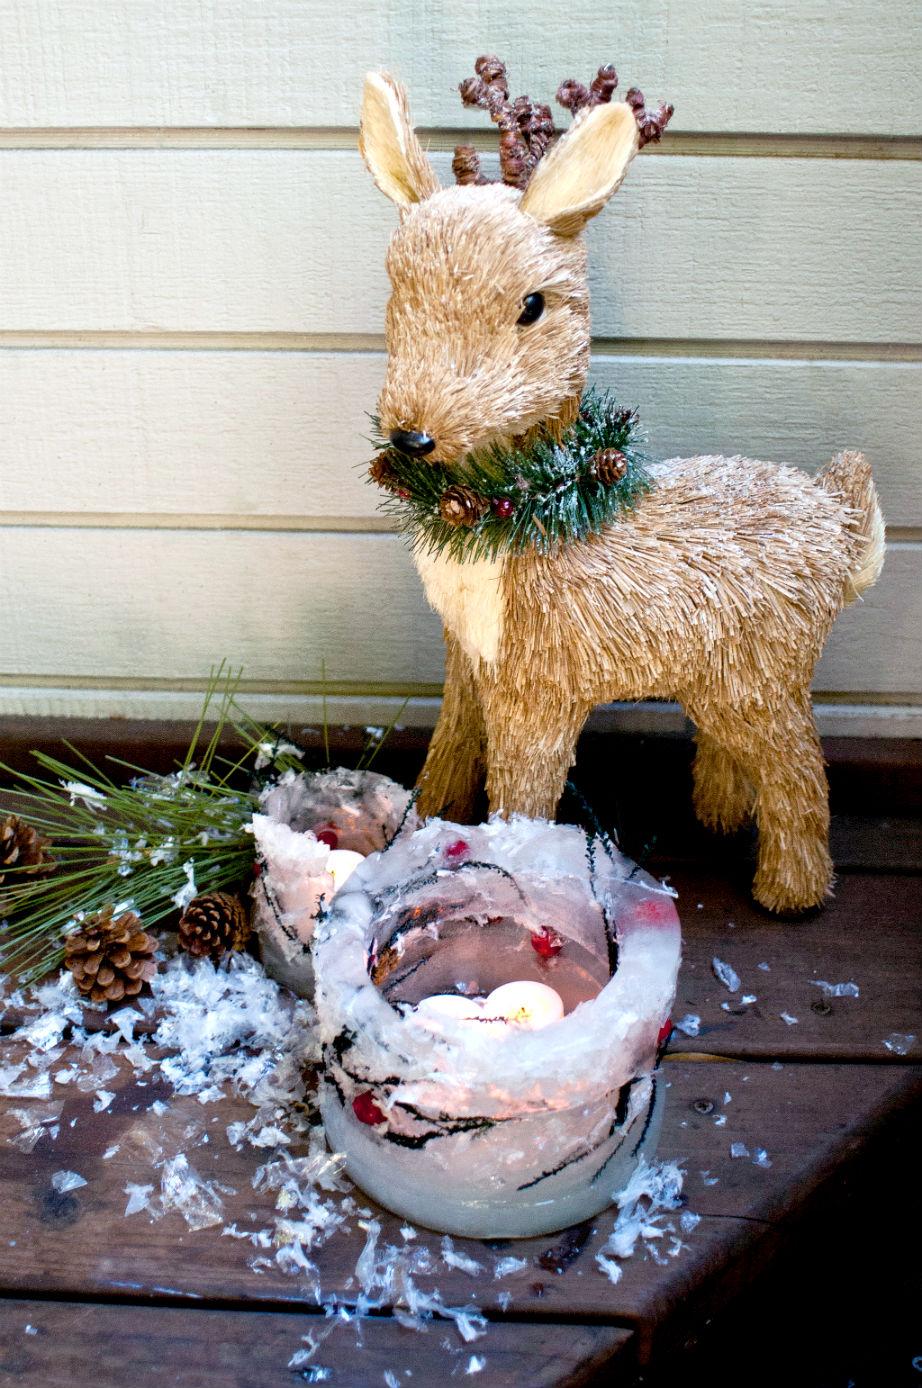 Δώστε έμφαση στην είσοδο για Χριστούγεννα-εξπρές!